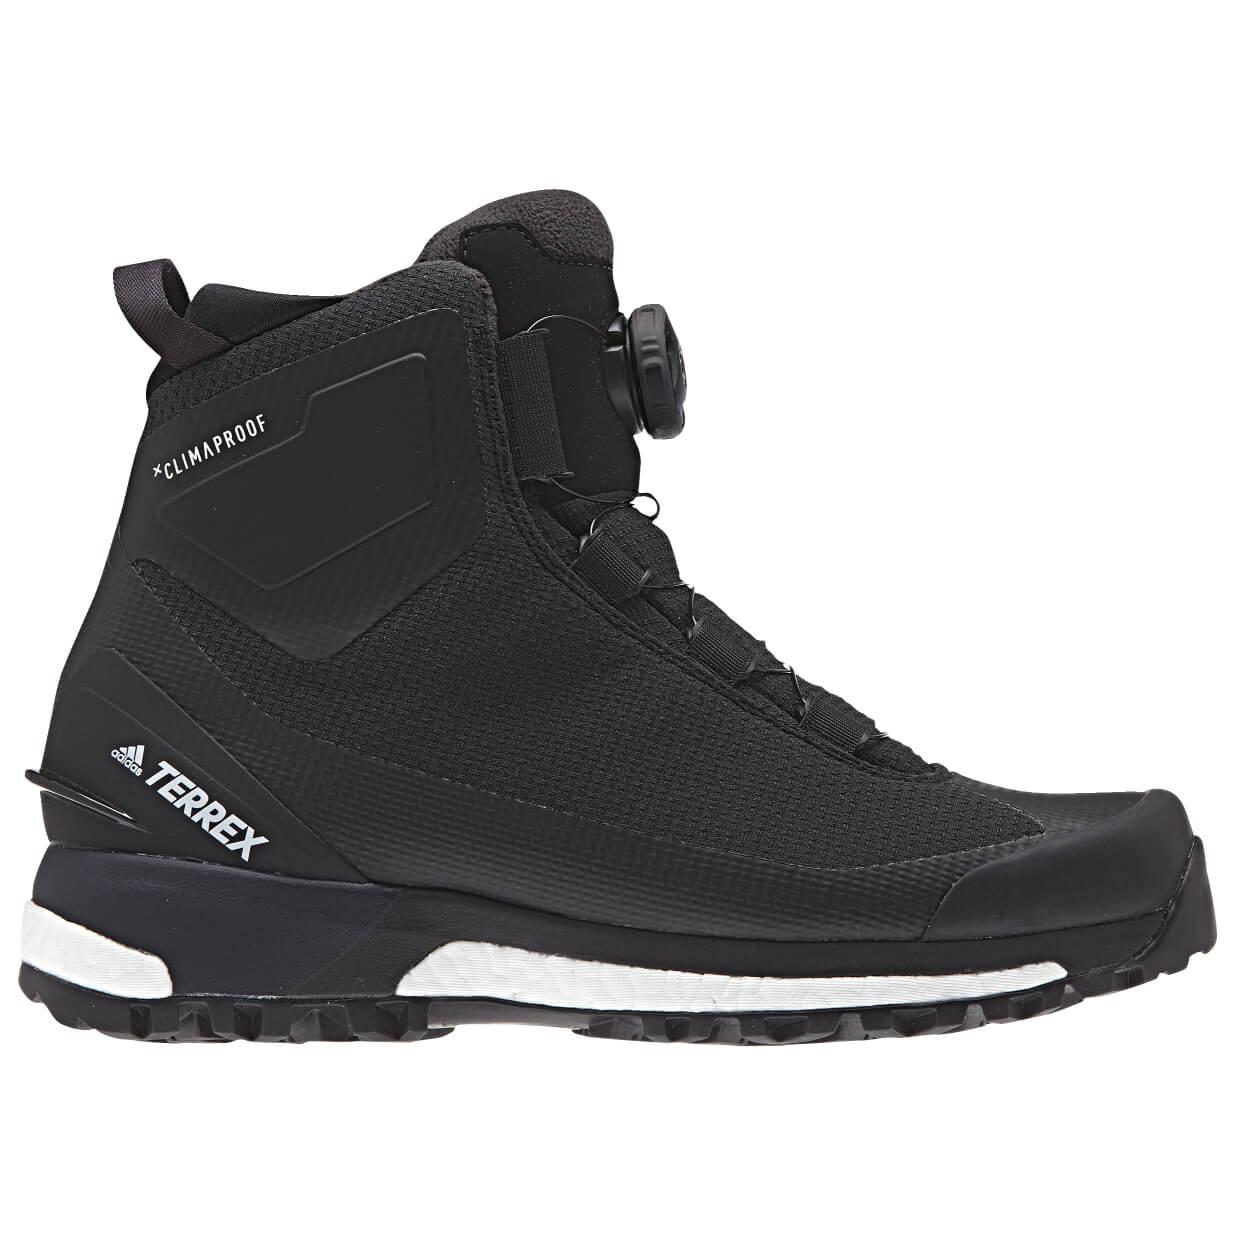 adidas - Terrex Conrax Boa CH CP - Scarpe invernali ...